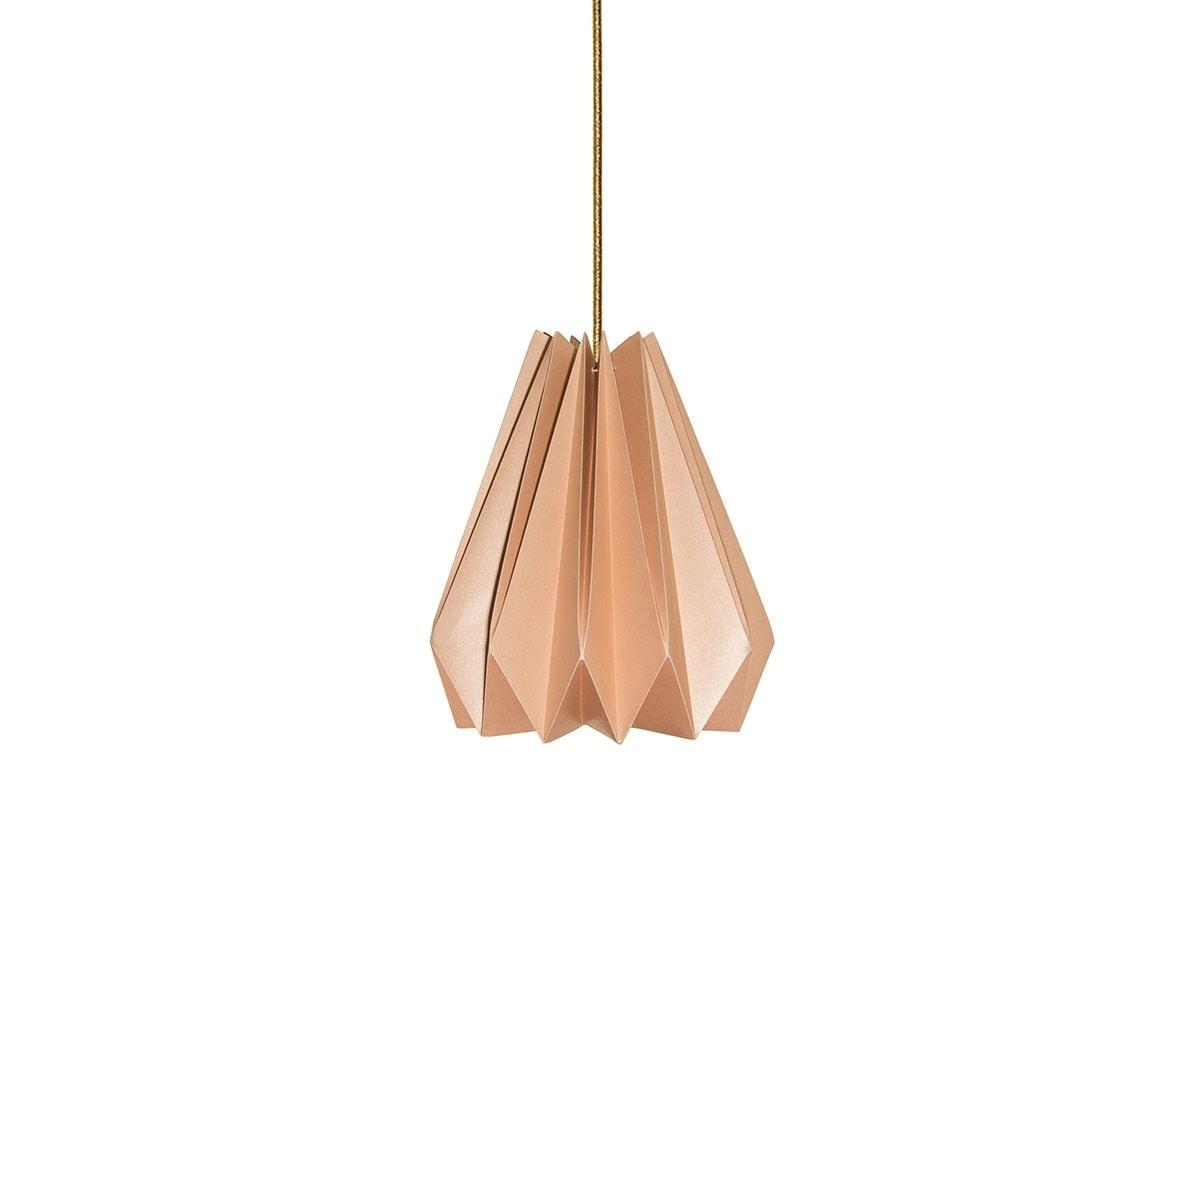 luminária pendente de papel Iluminoo - modelo Pinho (20) - Nude 1